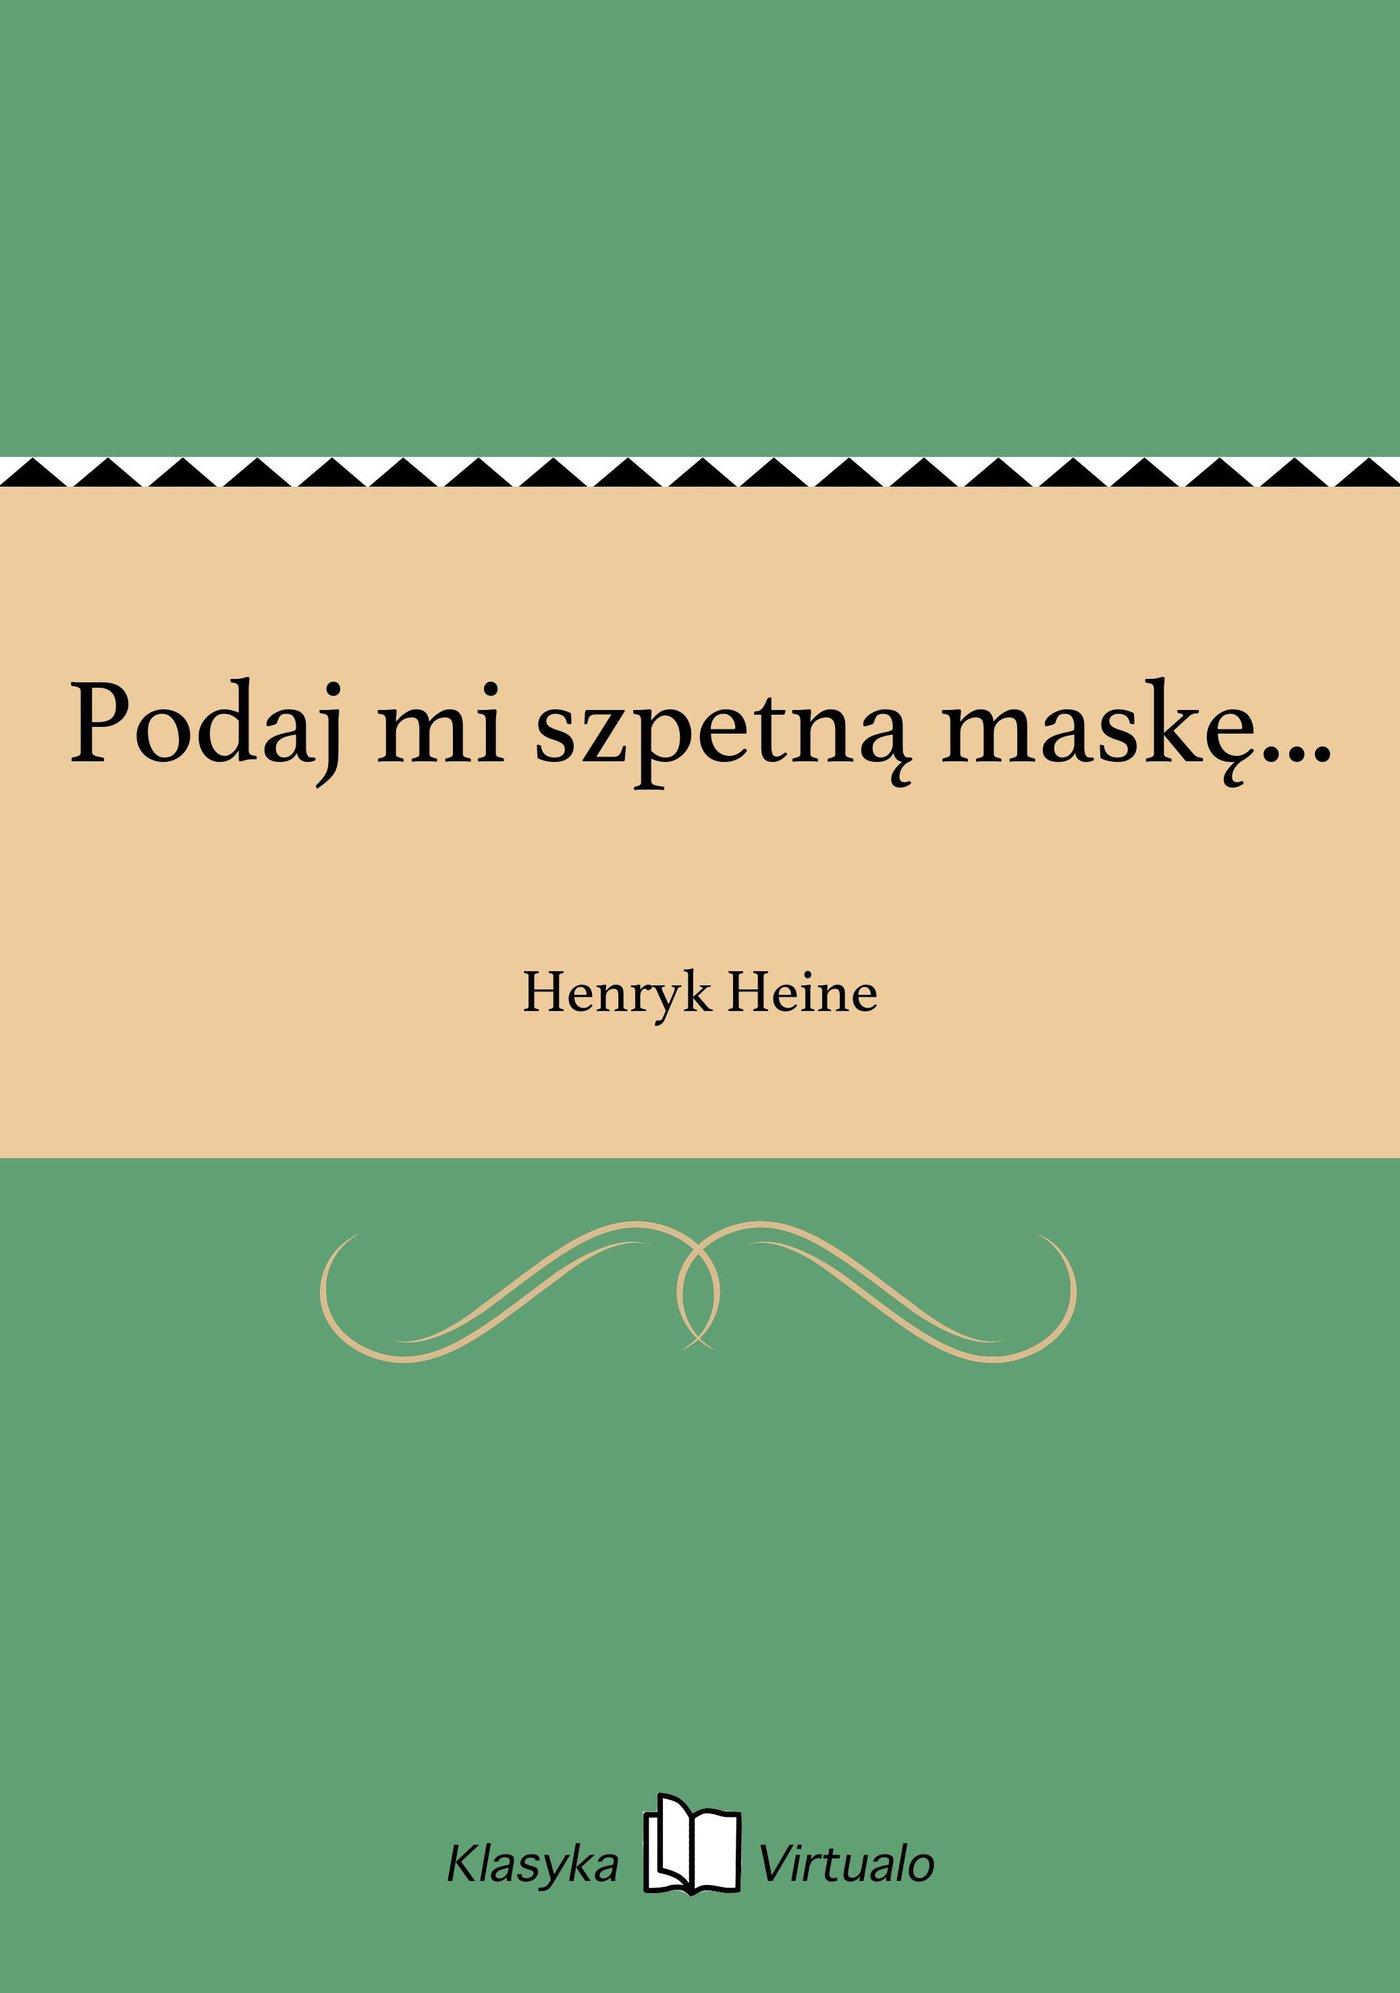 Podaj mi szpetną maskę... - Ebook (Książka EPUB) do pobrania w formacie EPUB